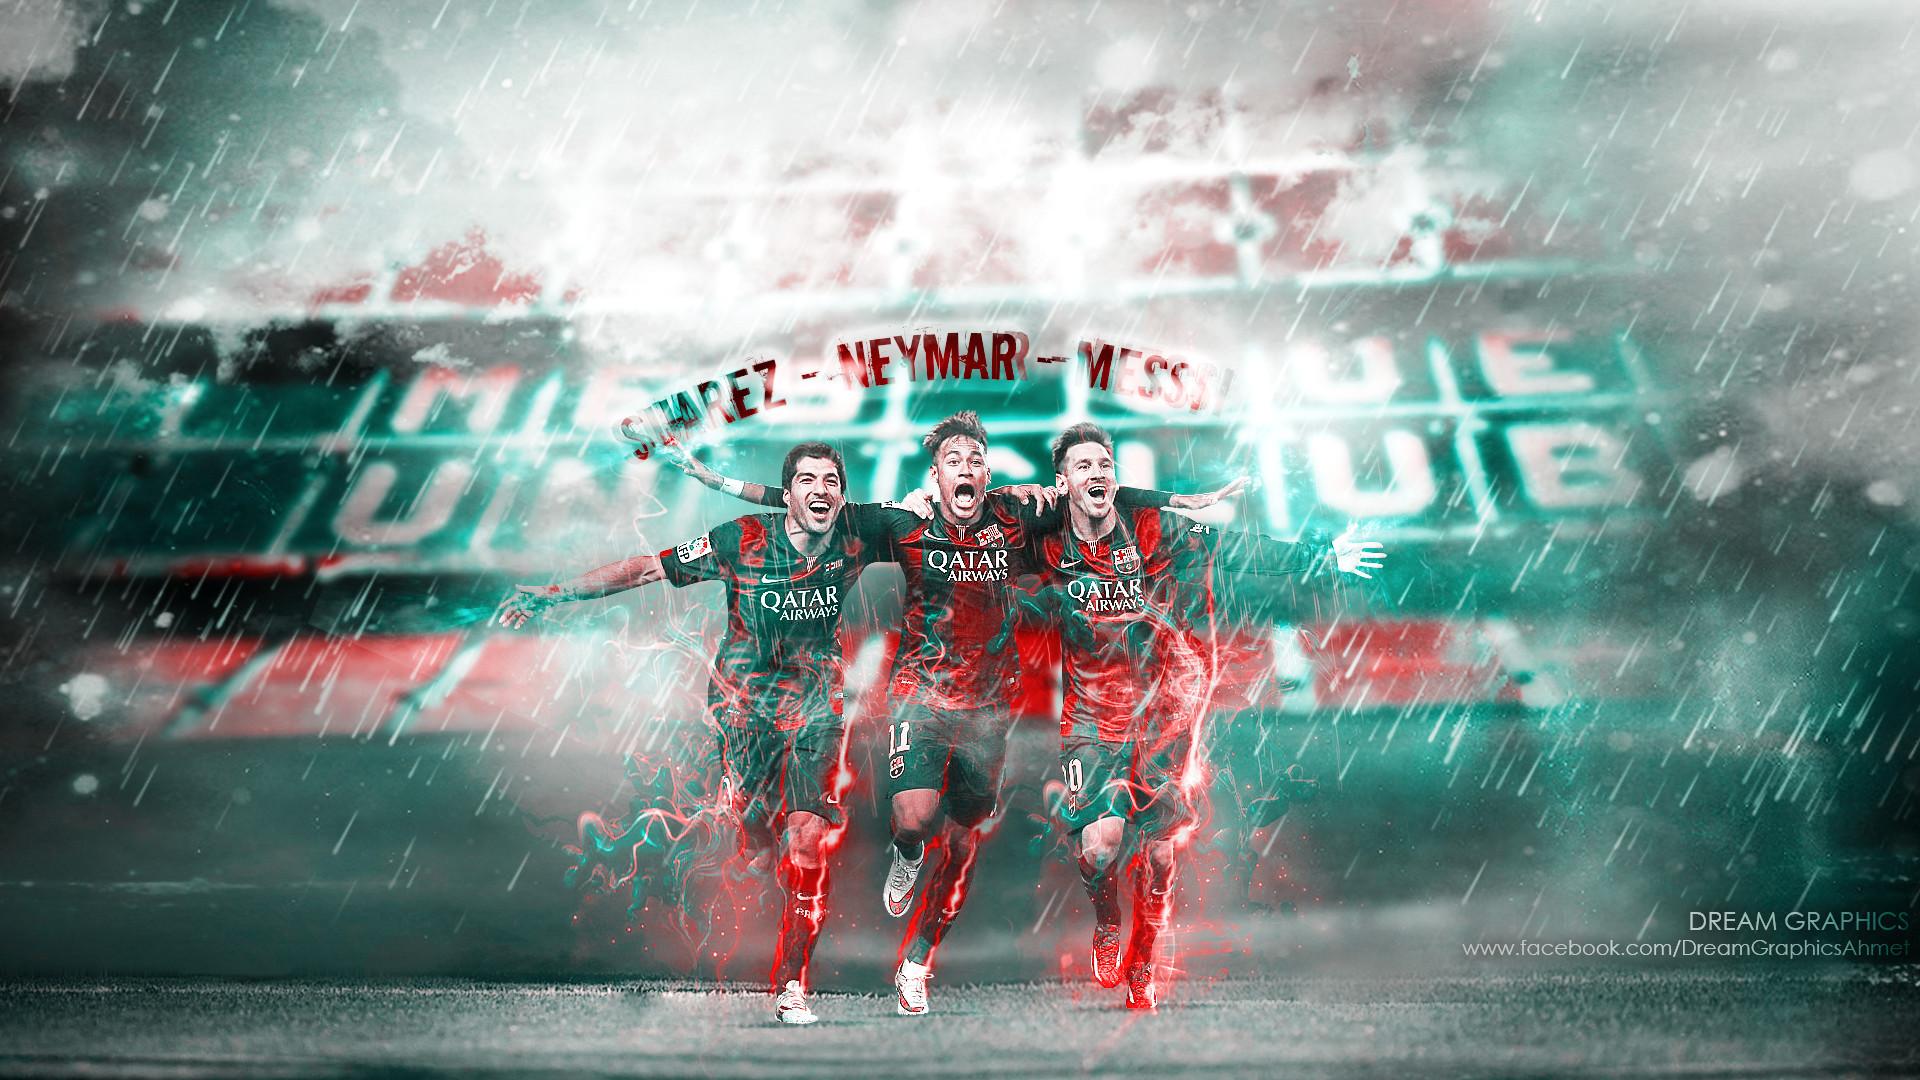 Suarez Neymar Messi by dreamgraphicss Suarez Neymar Messi by dreamgraphicss